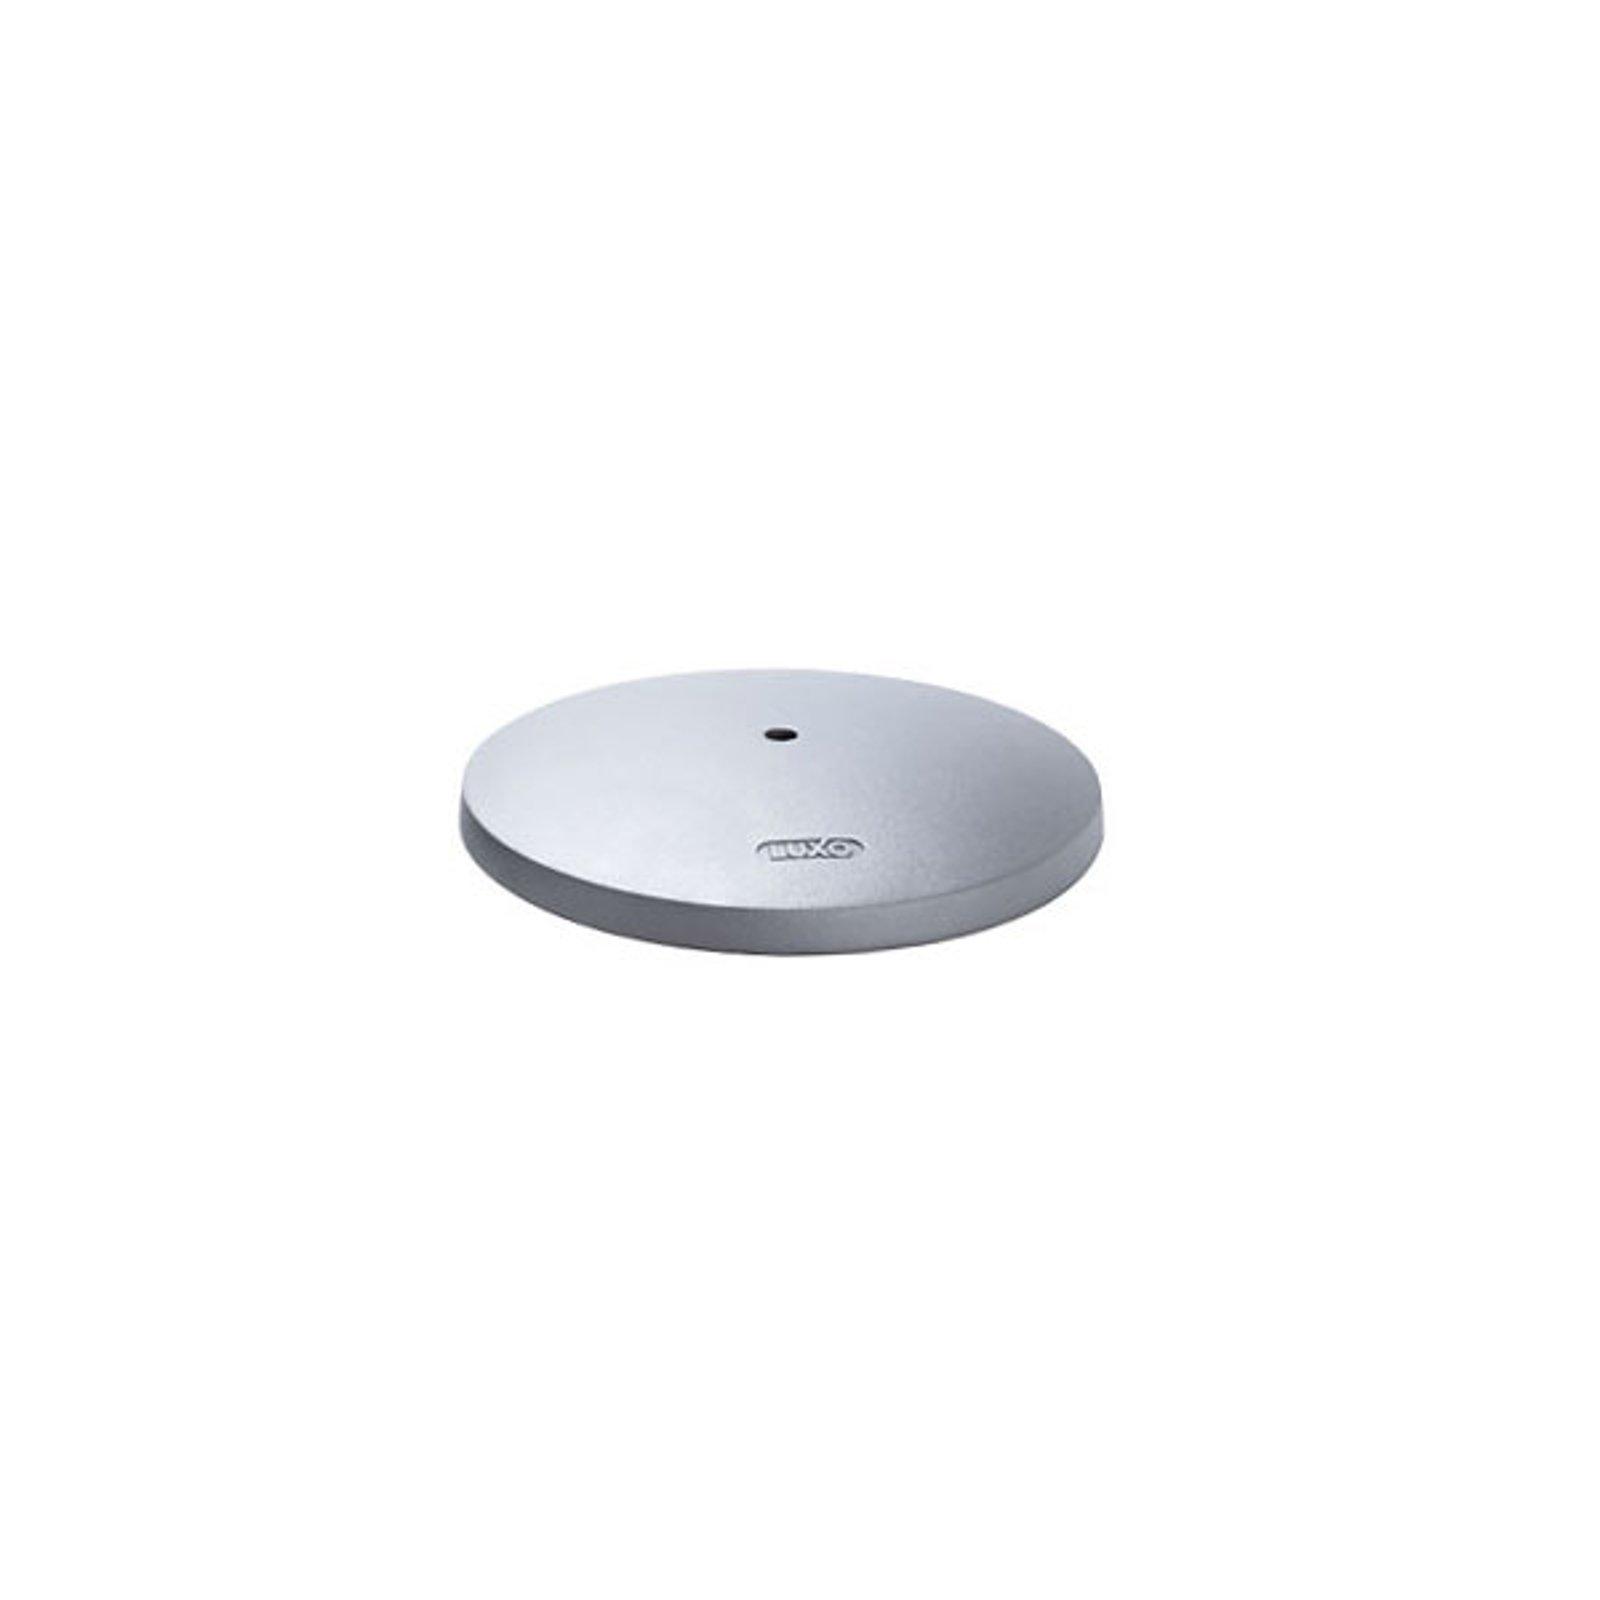 Bordfot til bordlampe Air LED, aluminiumsgrå